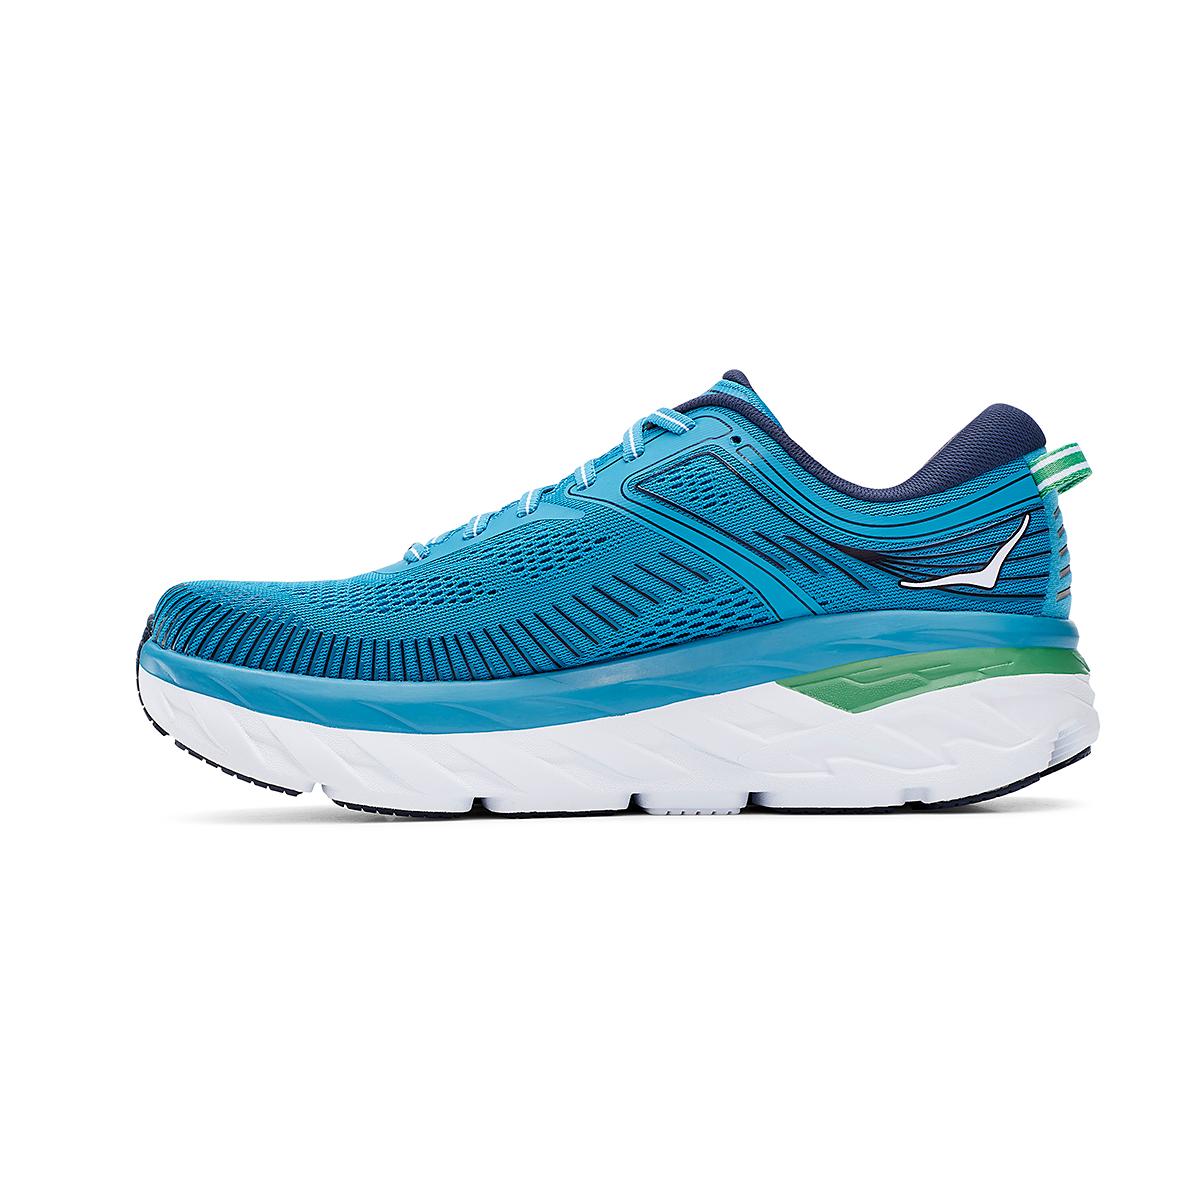 Men's Hoka One One Bondi 7 Running Shoe, , large, image 2